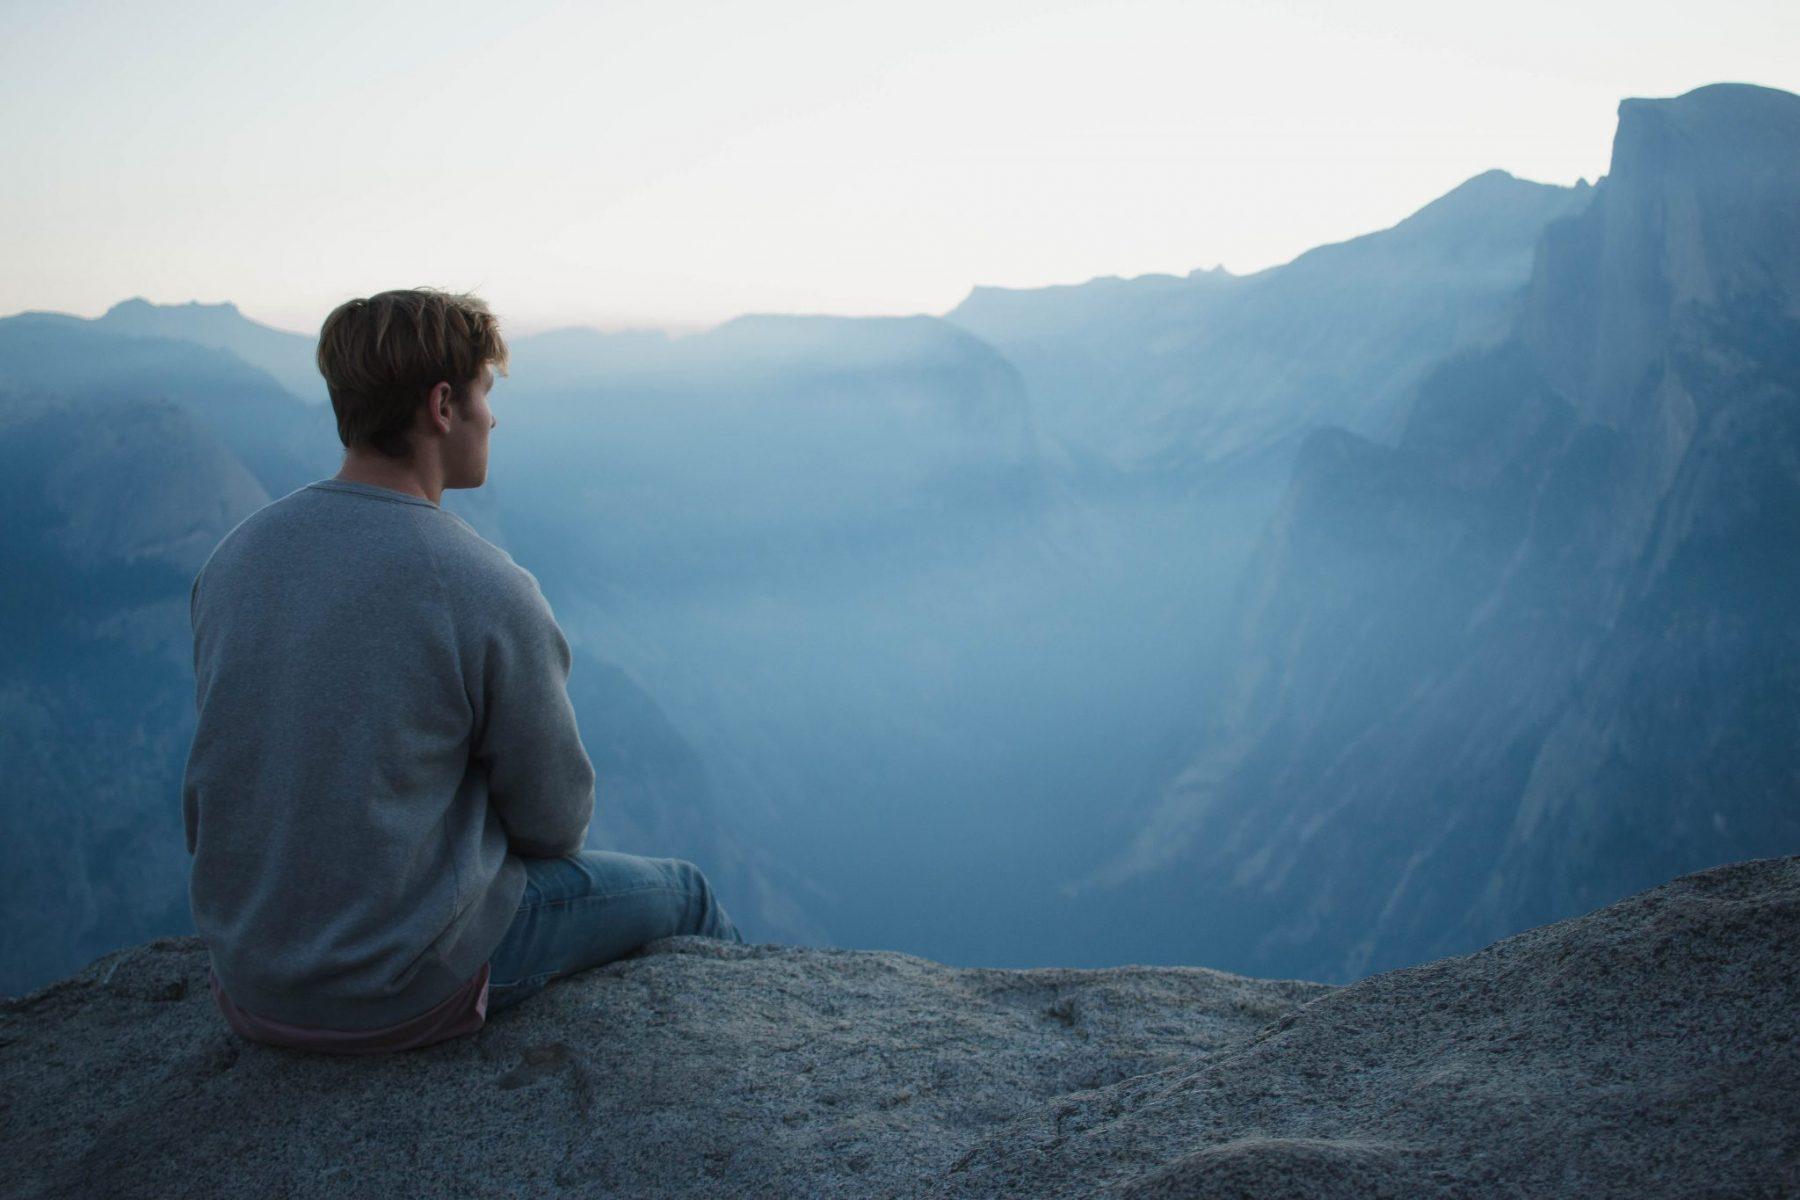 Συναισθηματική ευαισθησία: Όταν ενεργοποιείται, αλλάζει τη ζωή σου